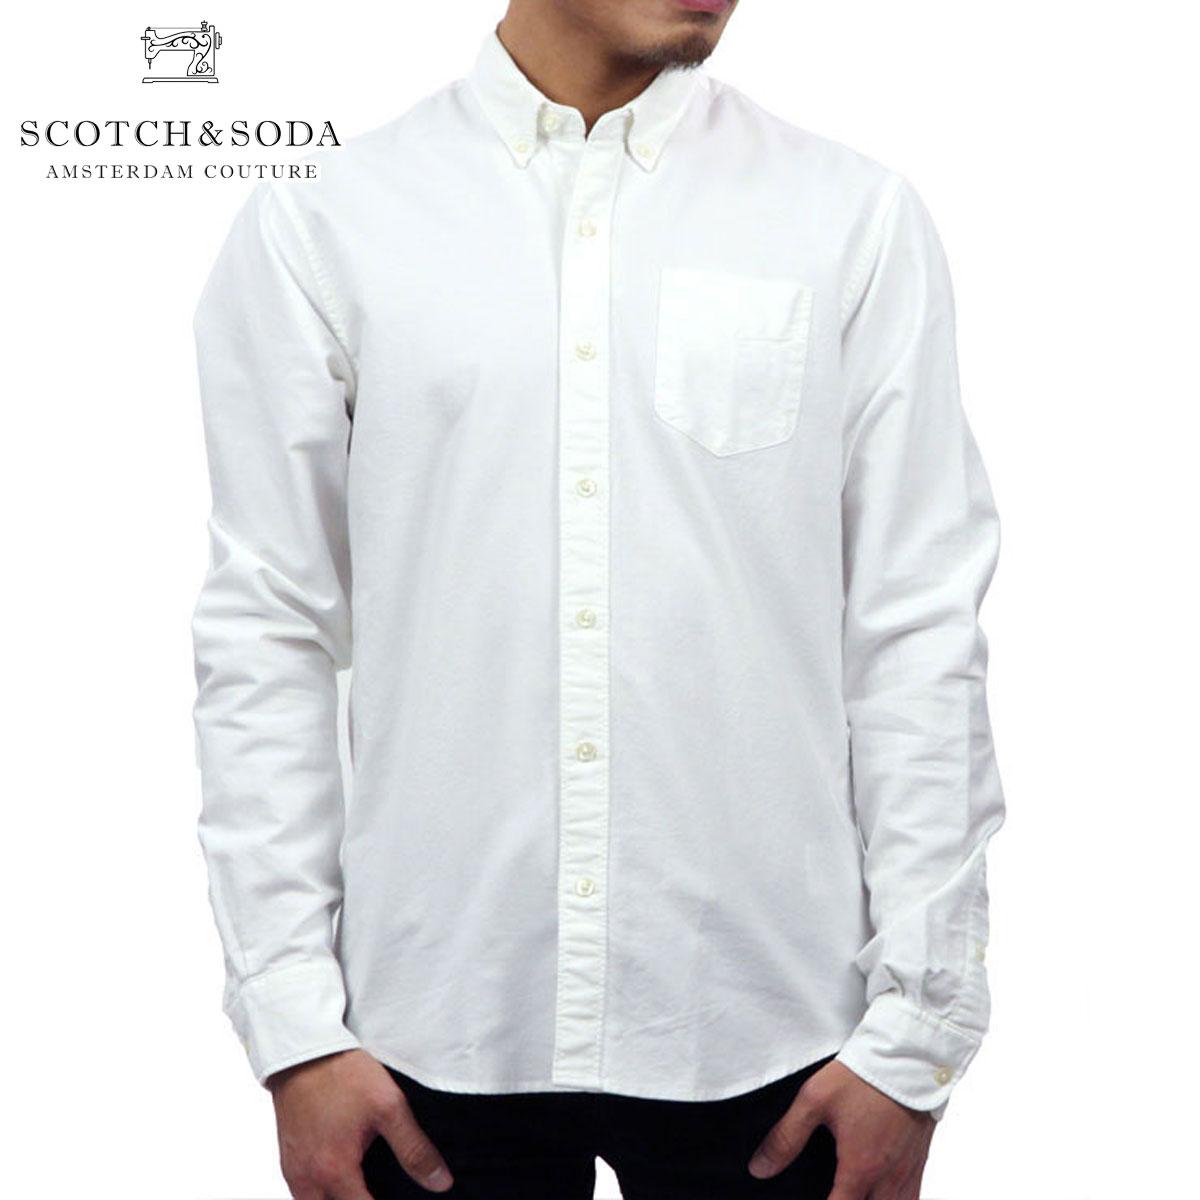 スコッチアンドソーダ SCOTCH&SODA 正規販売店 メンズ 長袖シャツ CLASSIC BUTTON DOWN OXFORD SHIRT 132491 00 WHITE